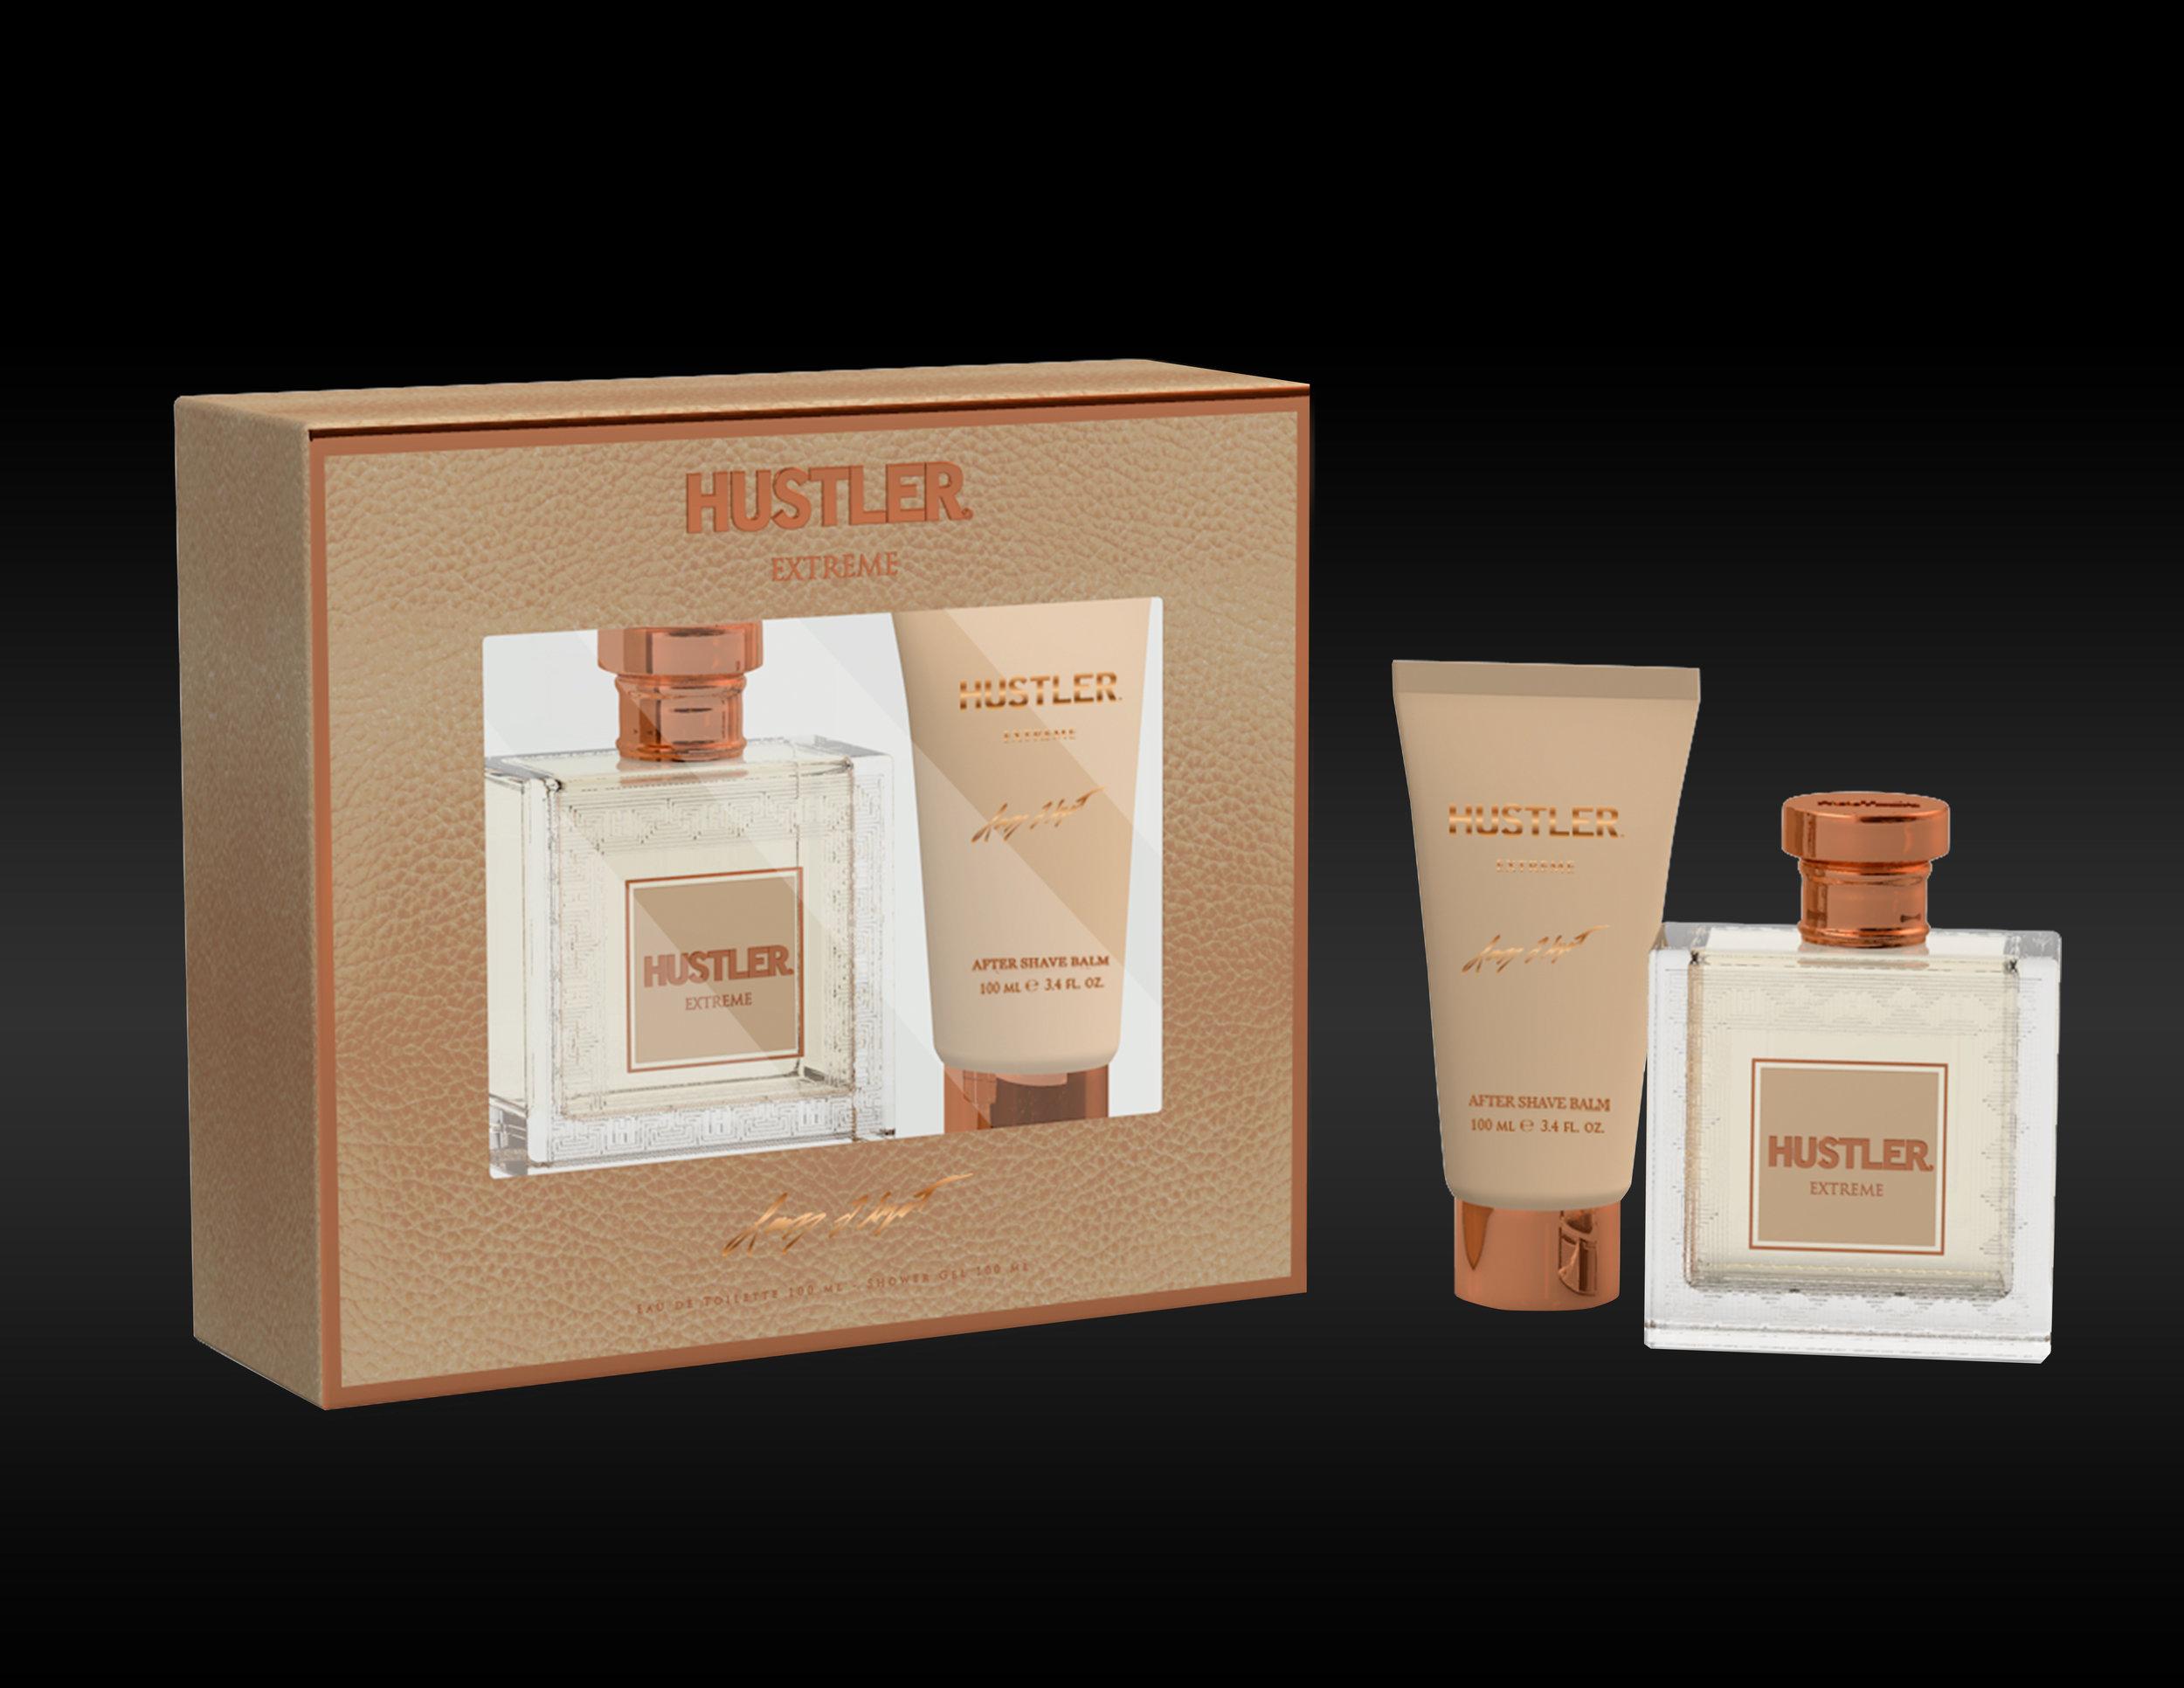 WINDOW BOX 2 PIECE GIFT SET    HUSTLER EXTREME  EAU DE TOILETTE 100 ml / 3.4 oz.fl+100ml After Shave Balm